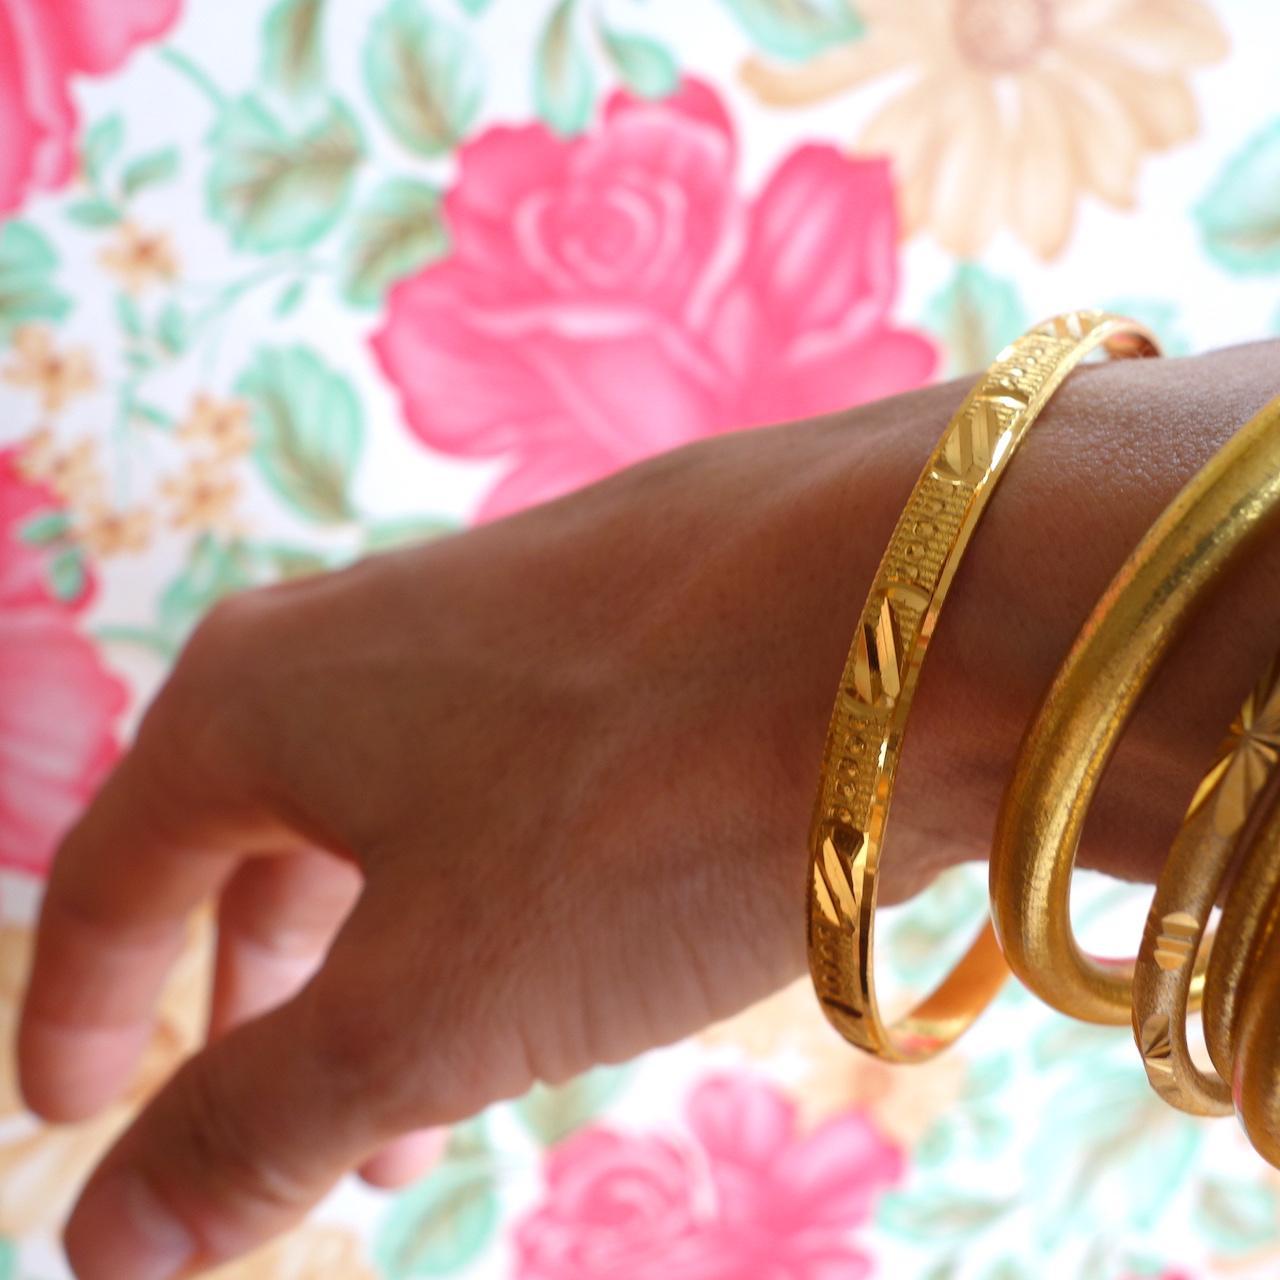 bracelet-oriane-roulotte-laiton-dore-ouvrage-martele-facon-vintage-retro-voyageur-photo-mannequin.